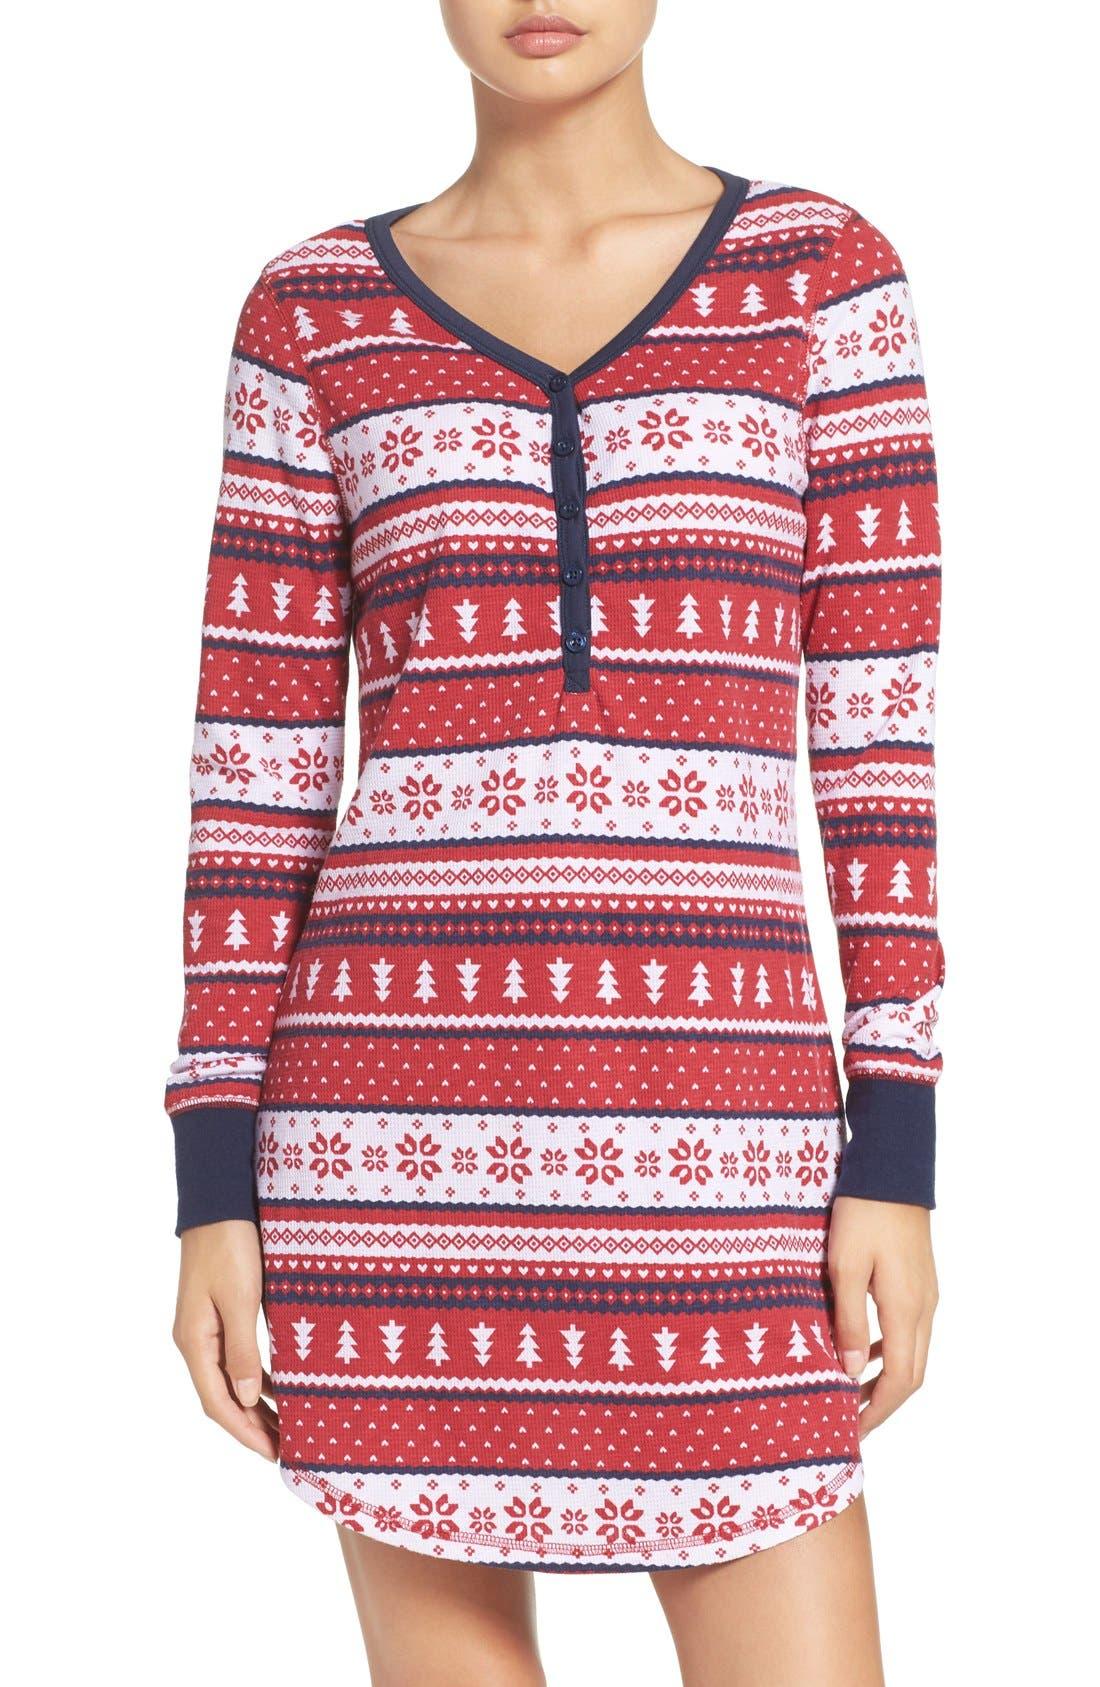 Main Image - Nordstrom Lingerie Sleepyhead Thermal Nightshirt